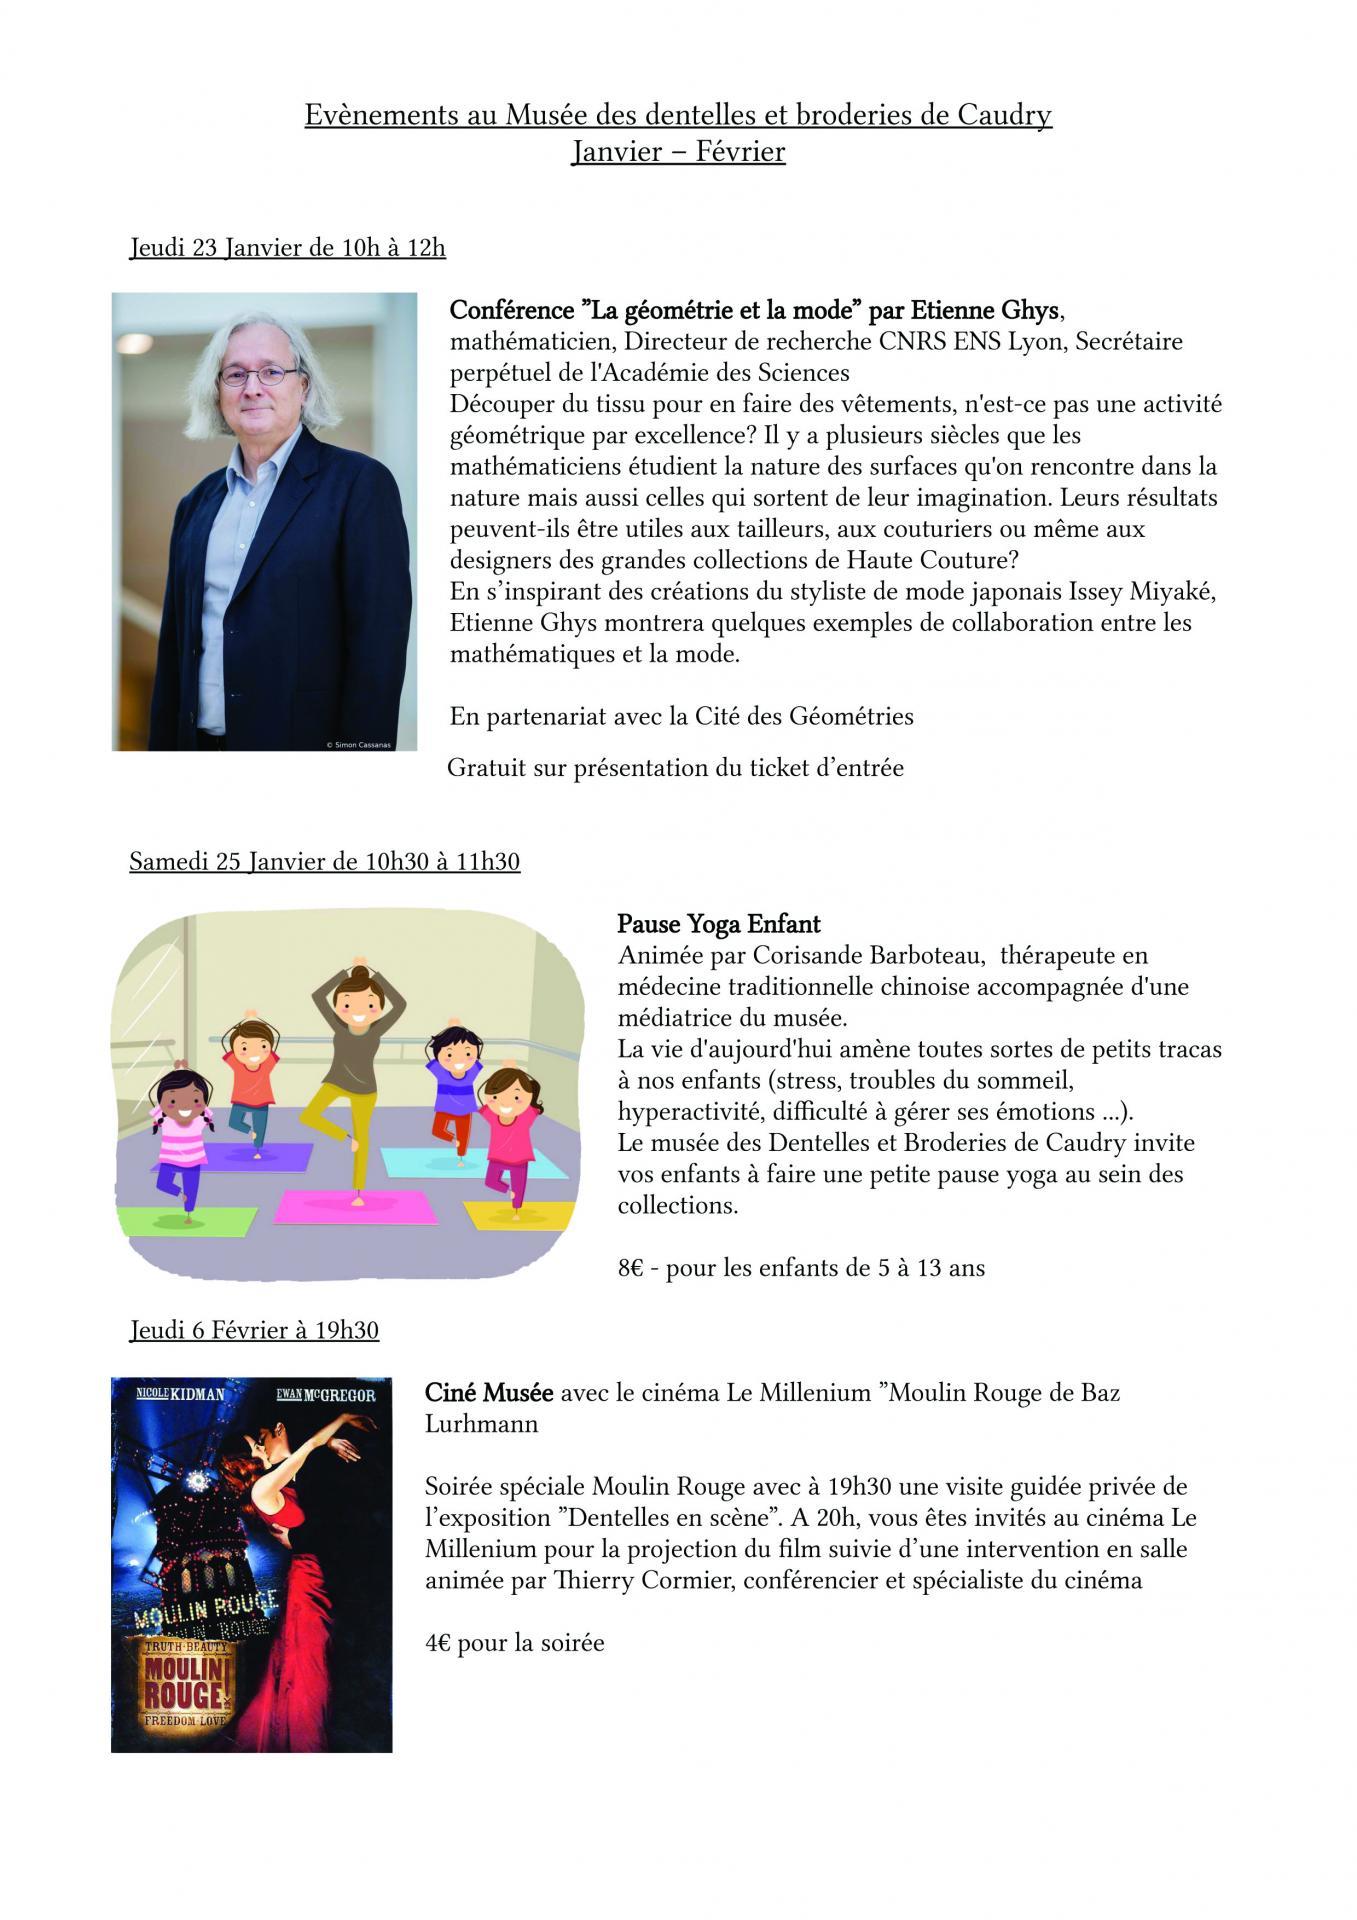 Annonce evenements janvier fevrier1 page 1